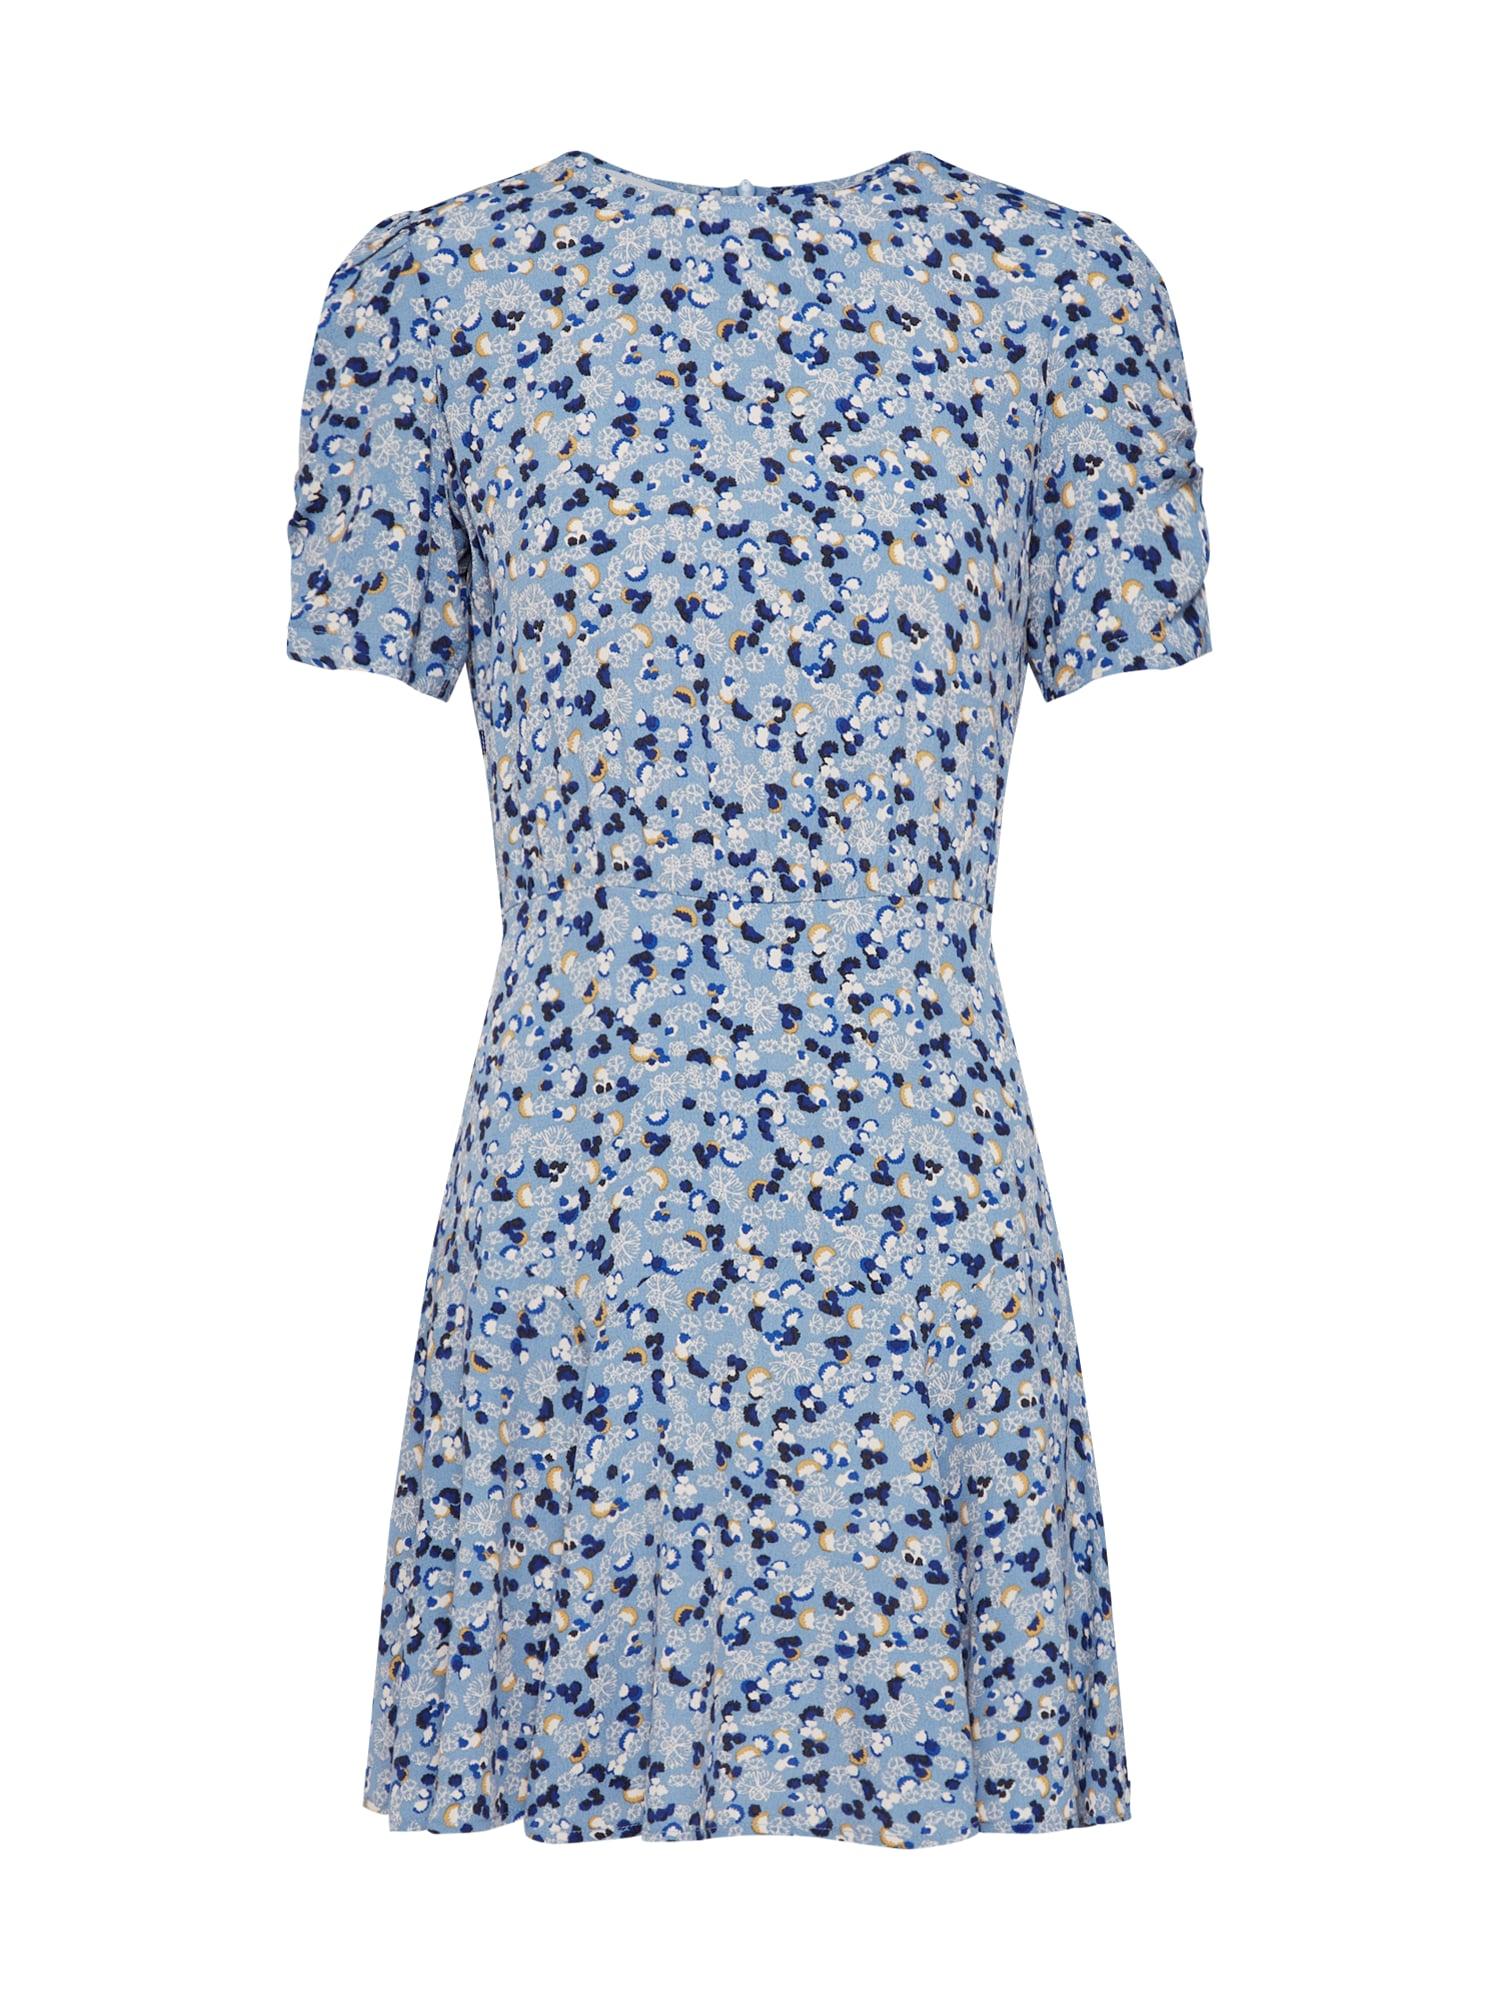 Letní šaty LUCIE DANCE modrá námořnická modř mix barev Sessun